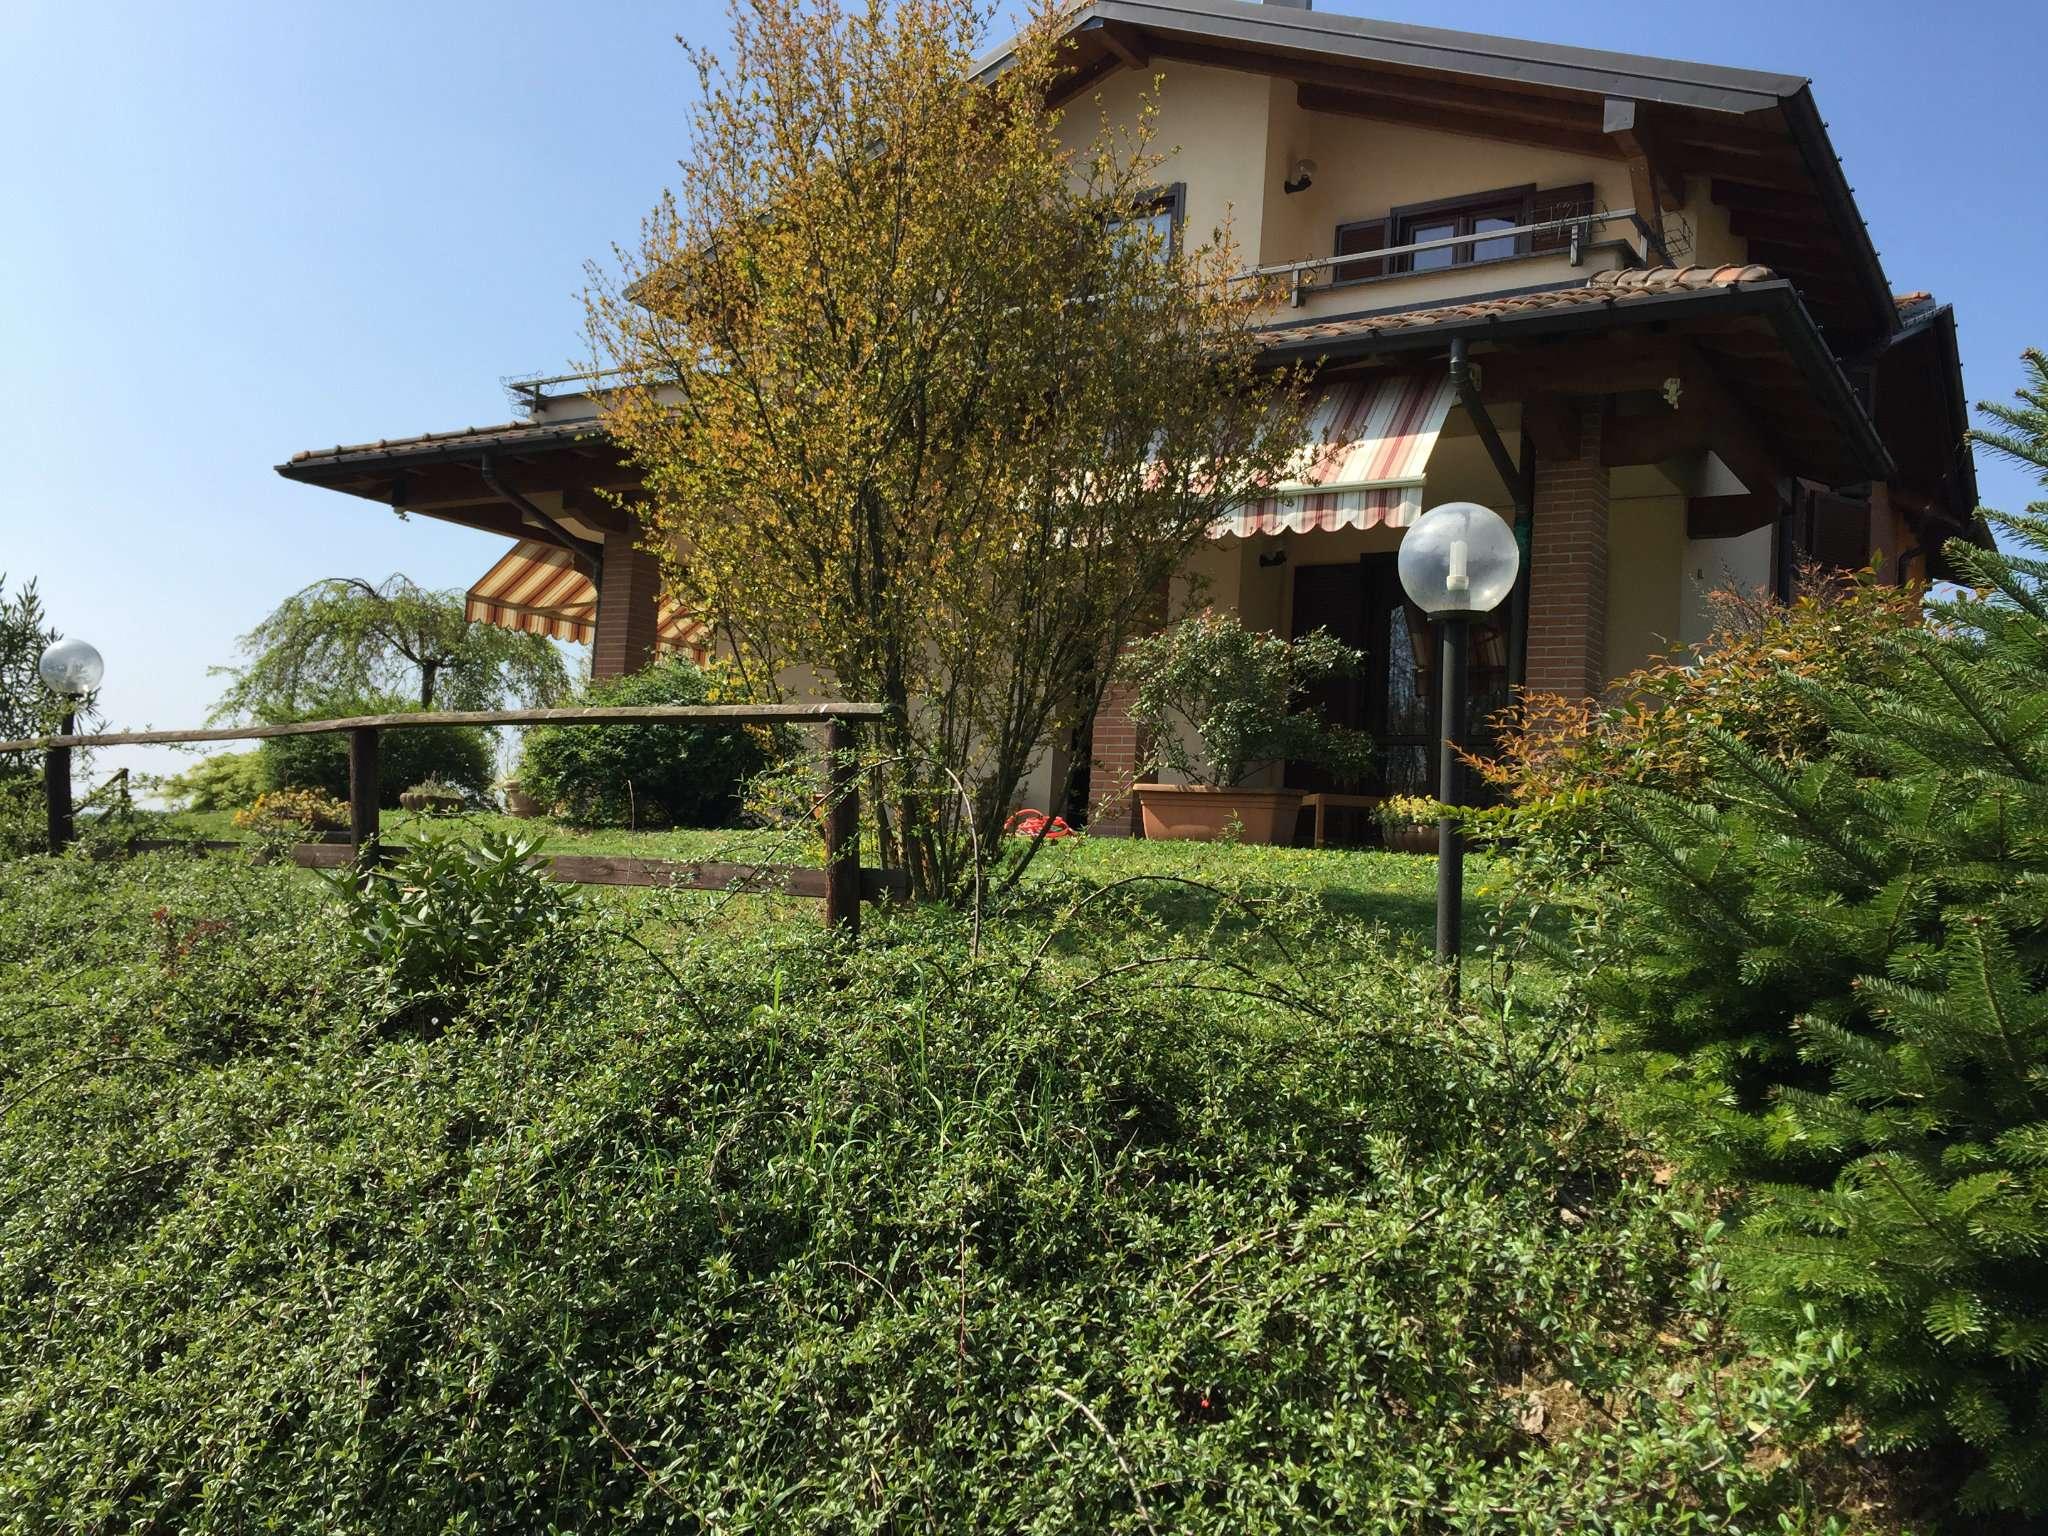 Villa in vendita a Besozzo, 5 locali, prezzo € 370.000 | Cambio Casa.it